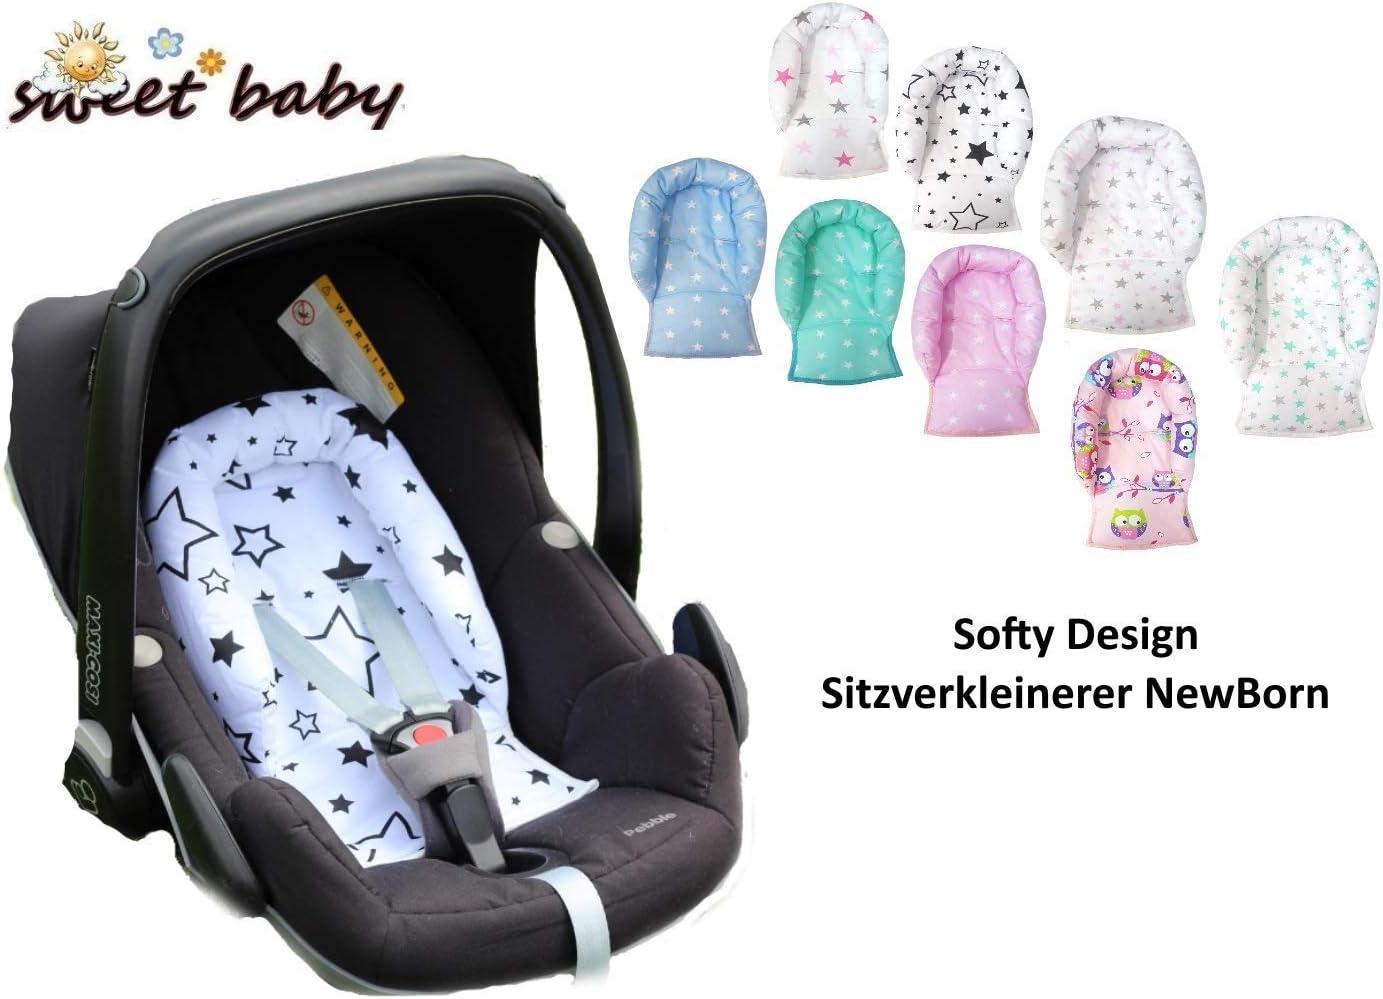 Sweet Baby ** SOFTY DESIGN ** R/éducteur universel pour si/ège auto Maxi Cosi bassinet poussette et autre Black White Stars